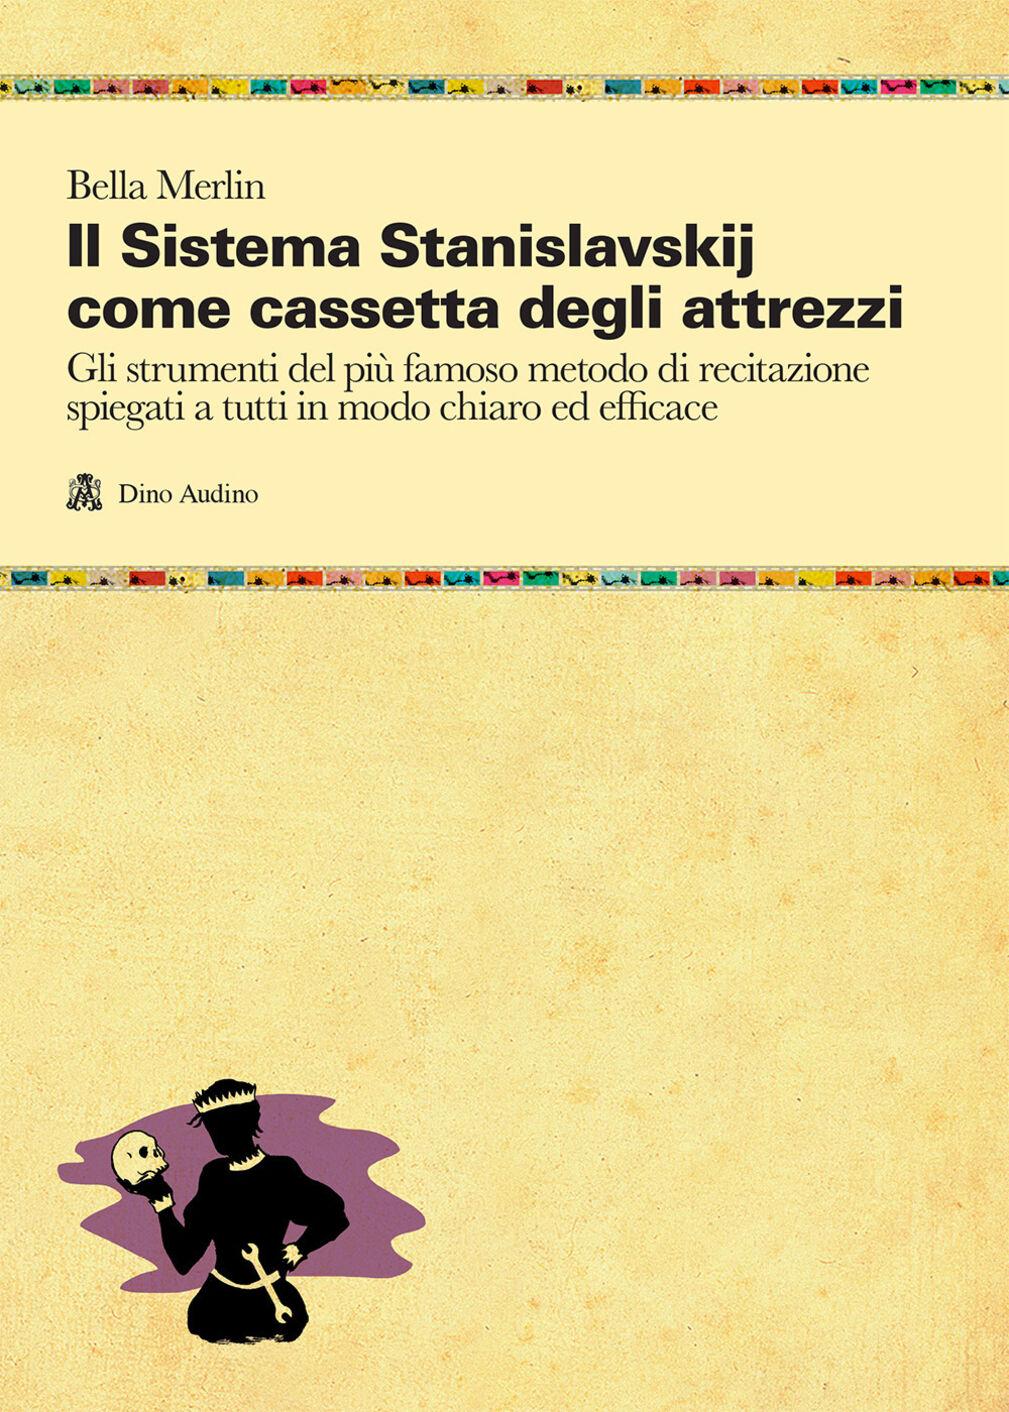 Il sistema Stanislavskij come cassetta degli attrezzi